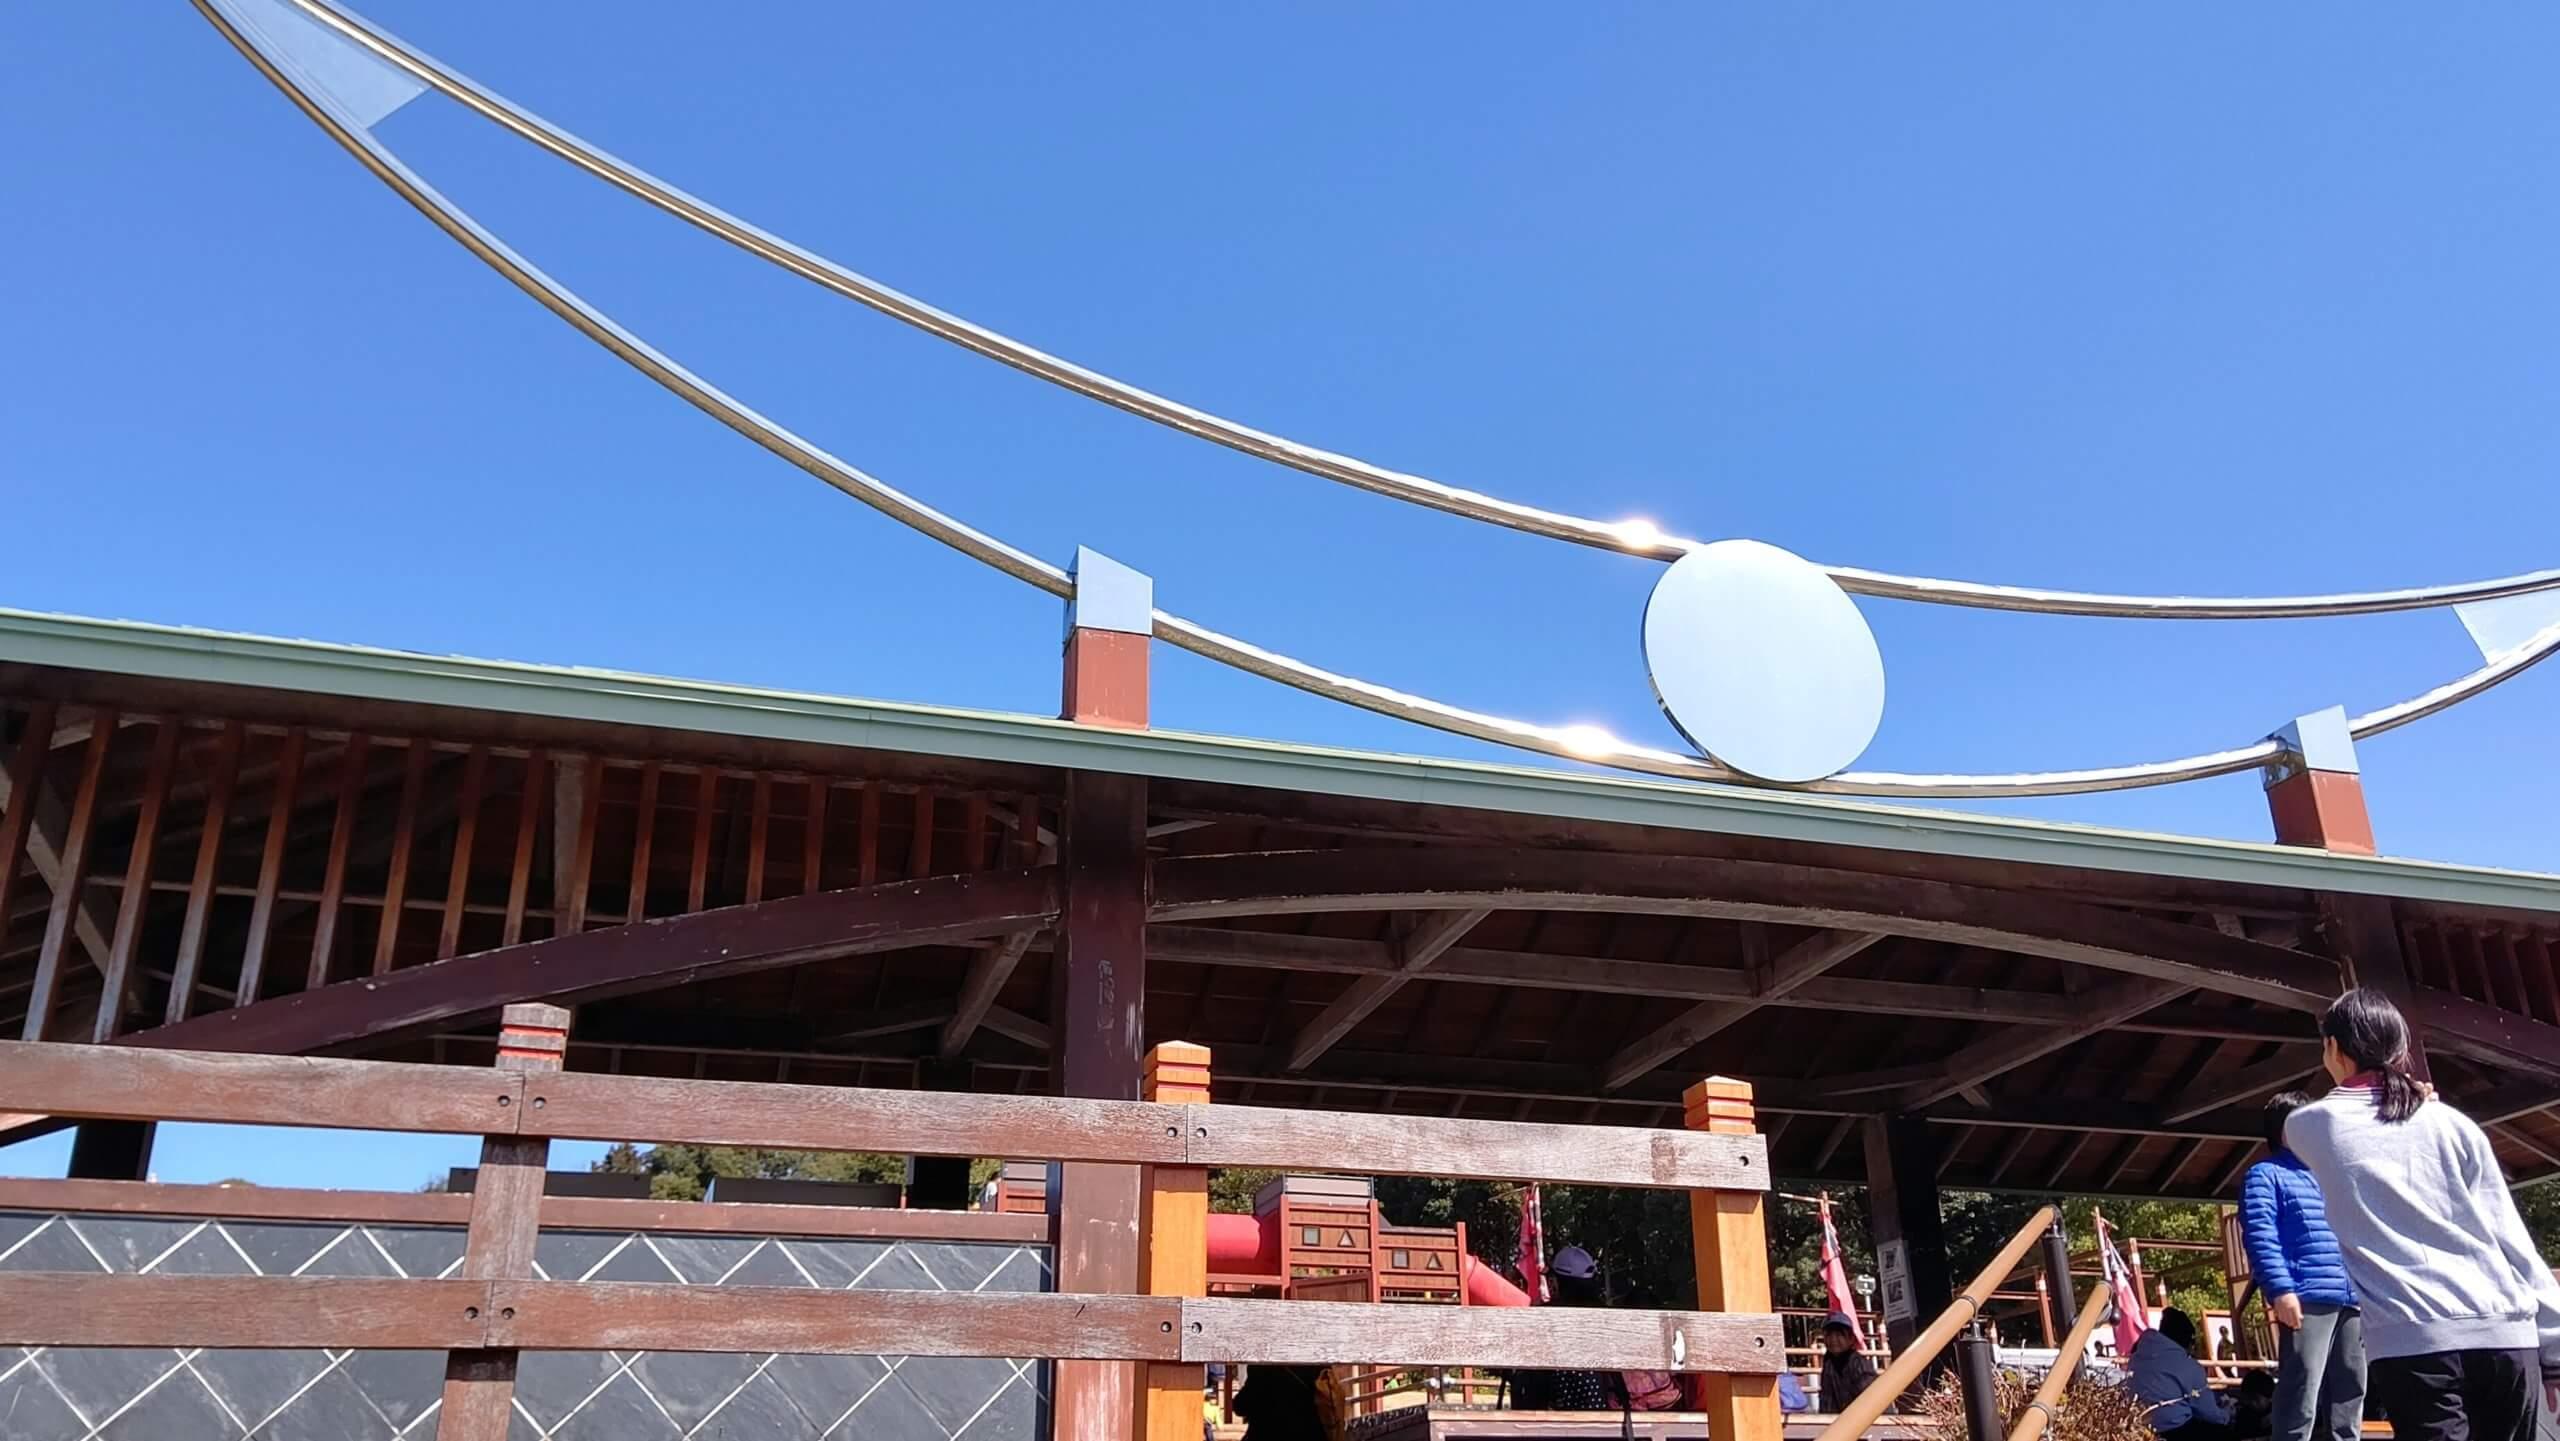 【新城総合公園】全公開!大人も子どもも楽しい忍者公園を攻略せよ!